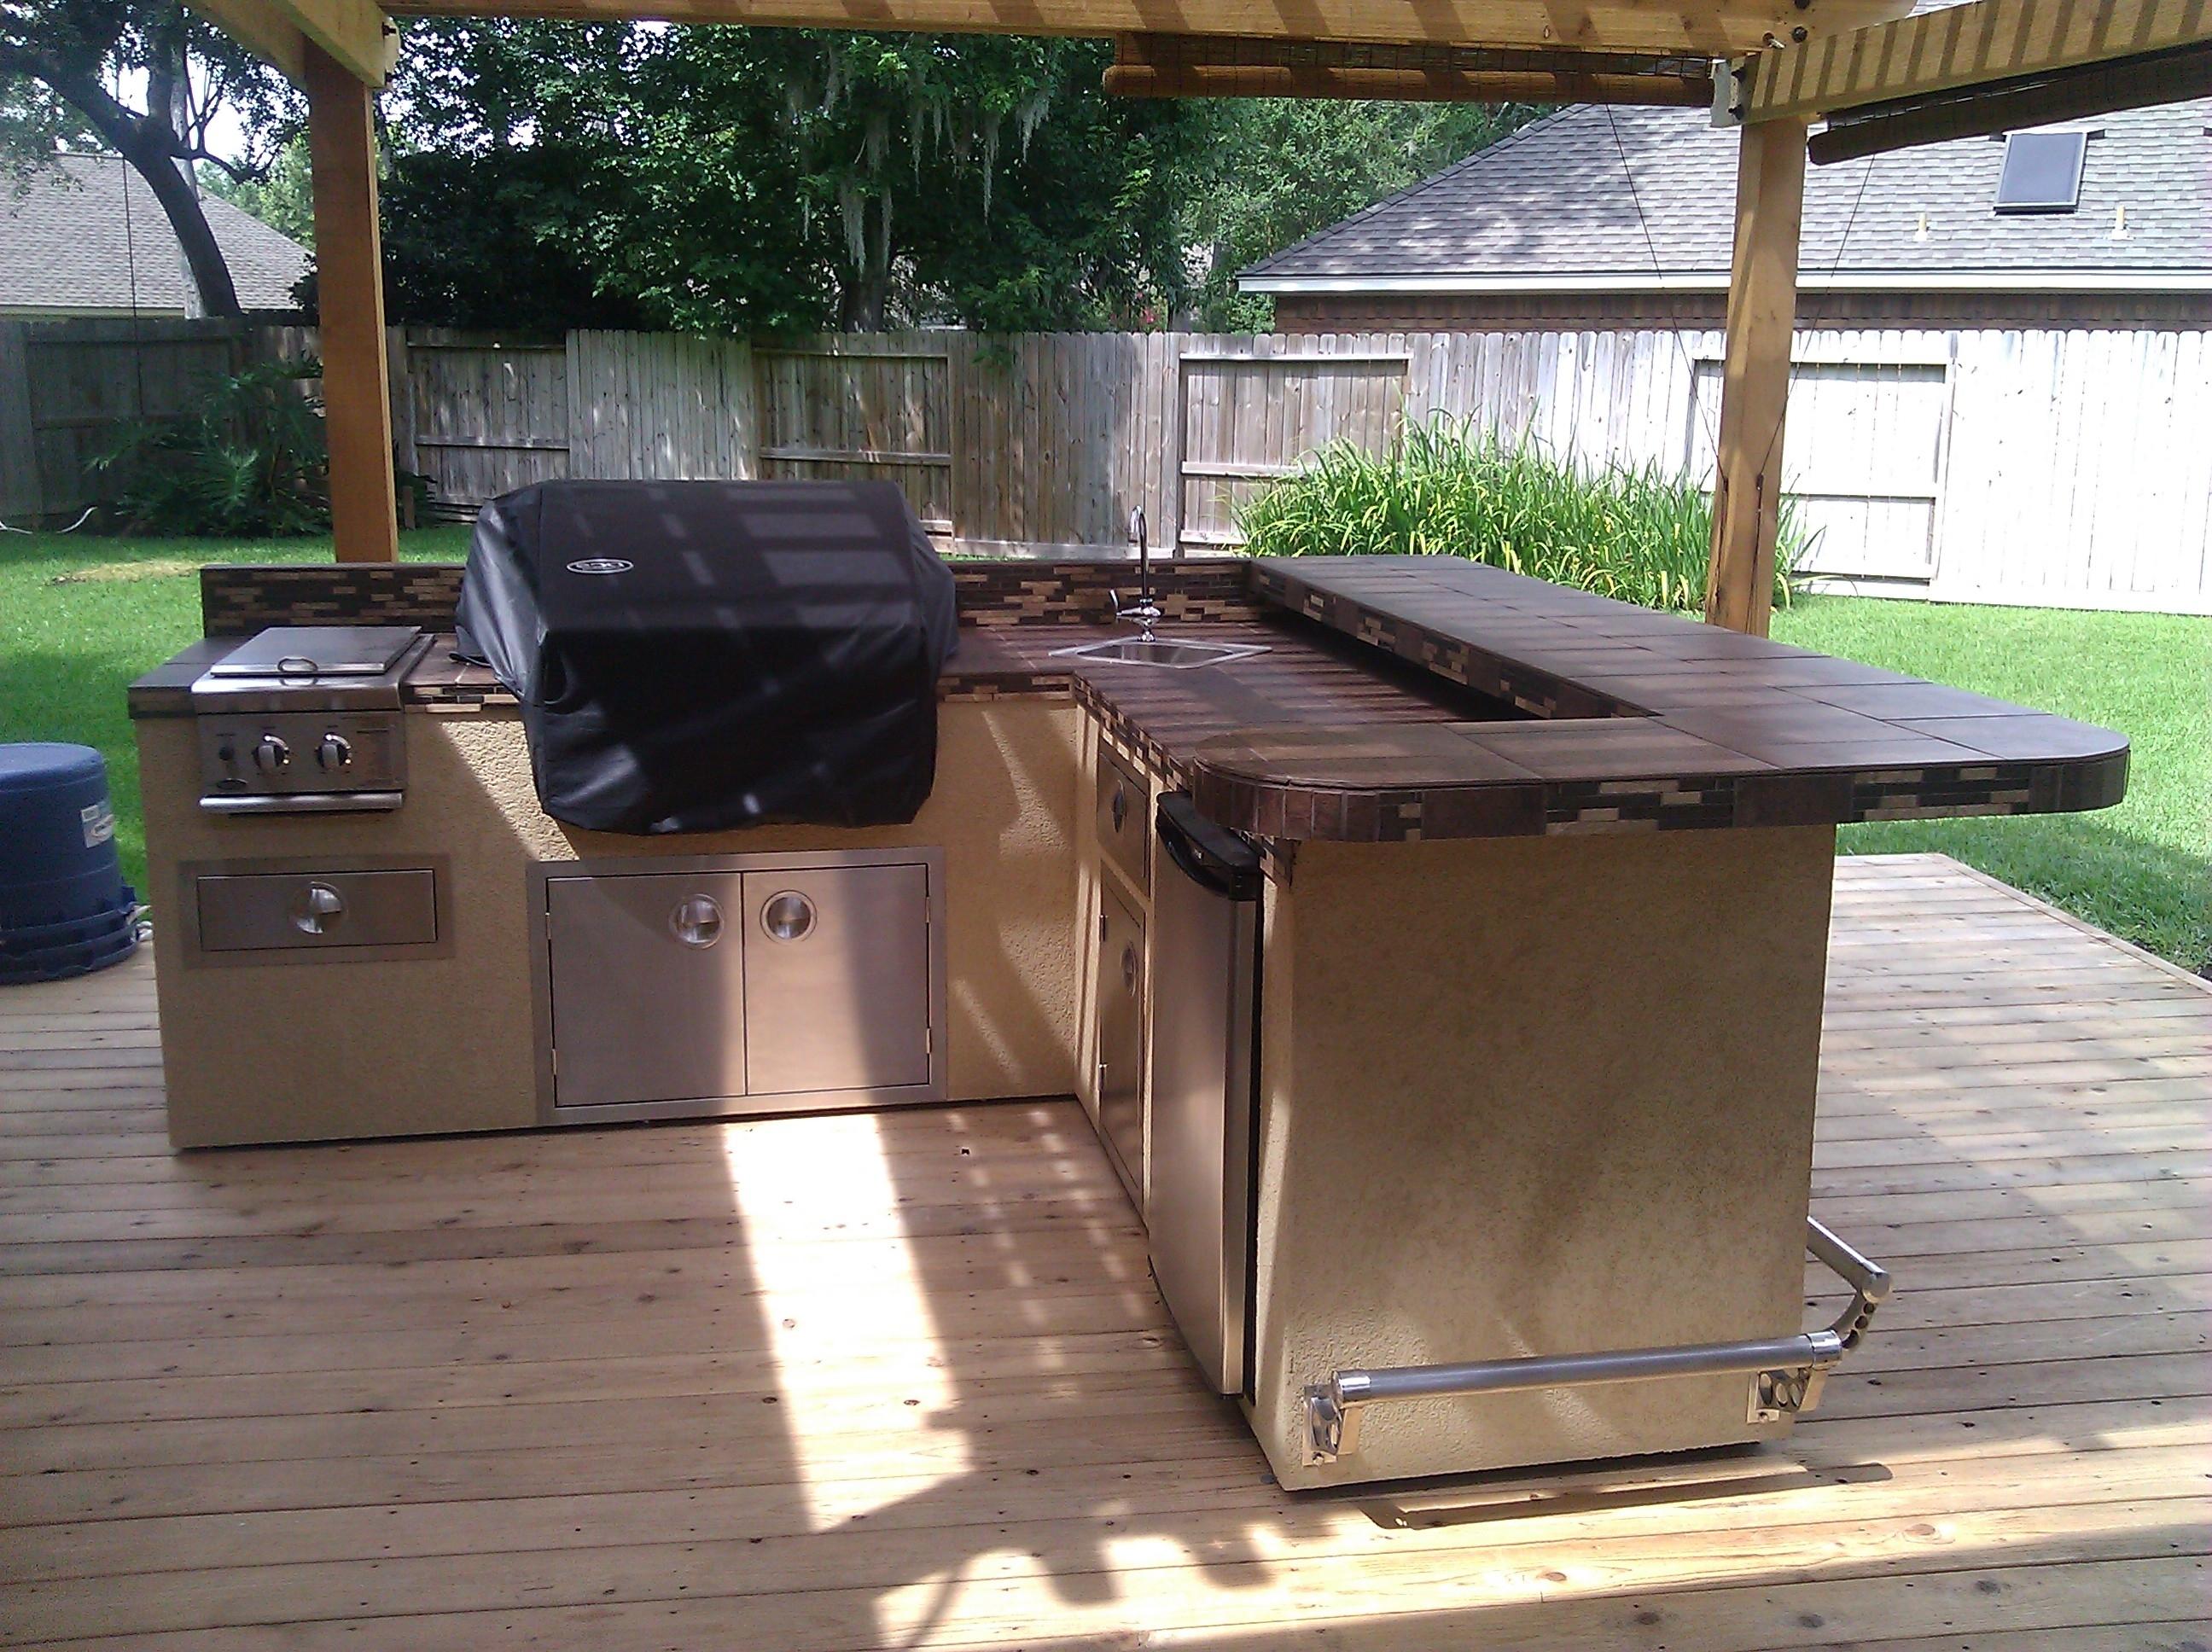 outdoor kitchen equipment photo - 2